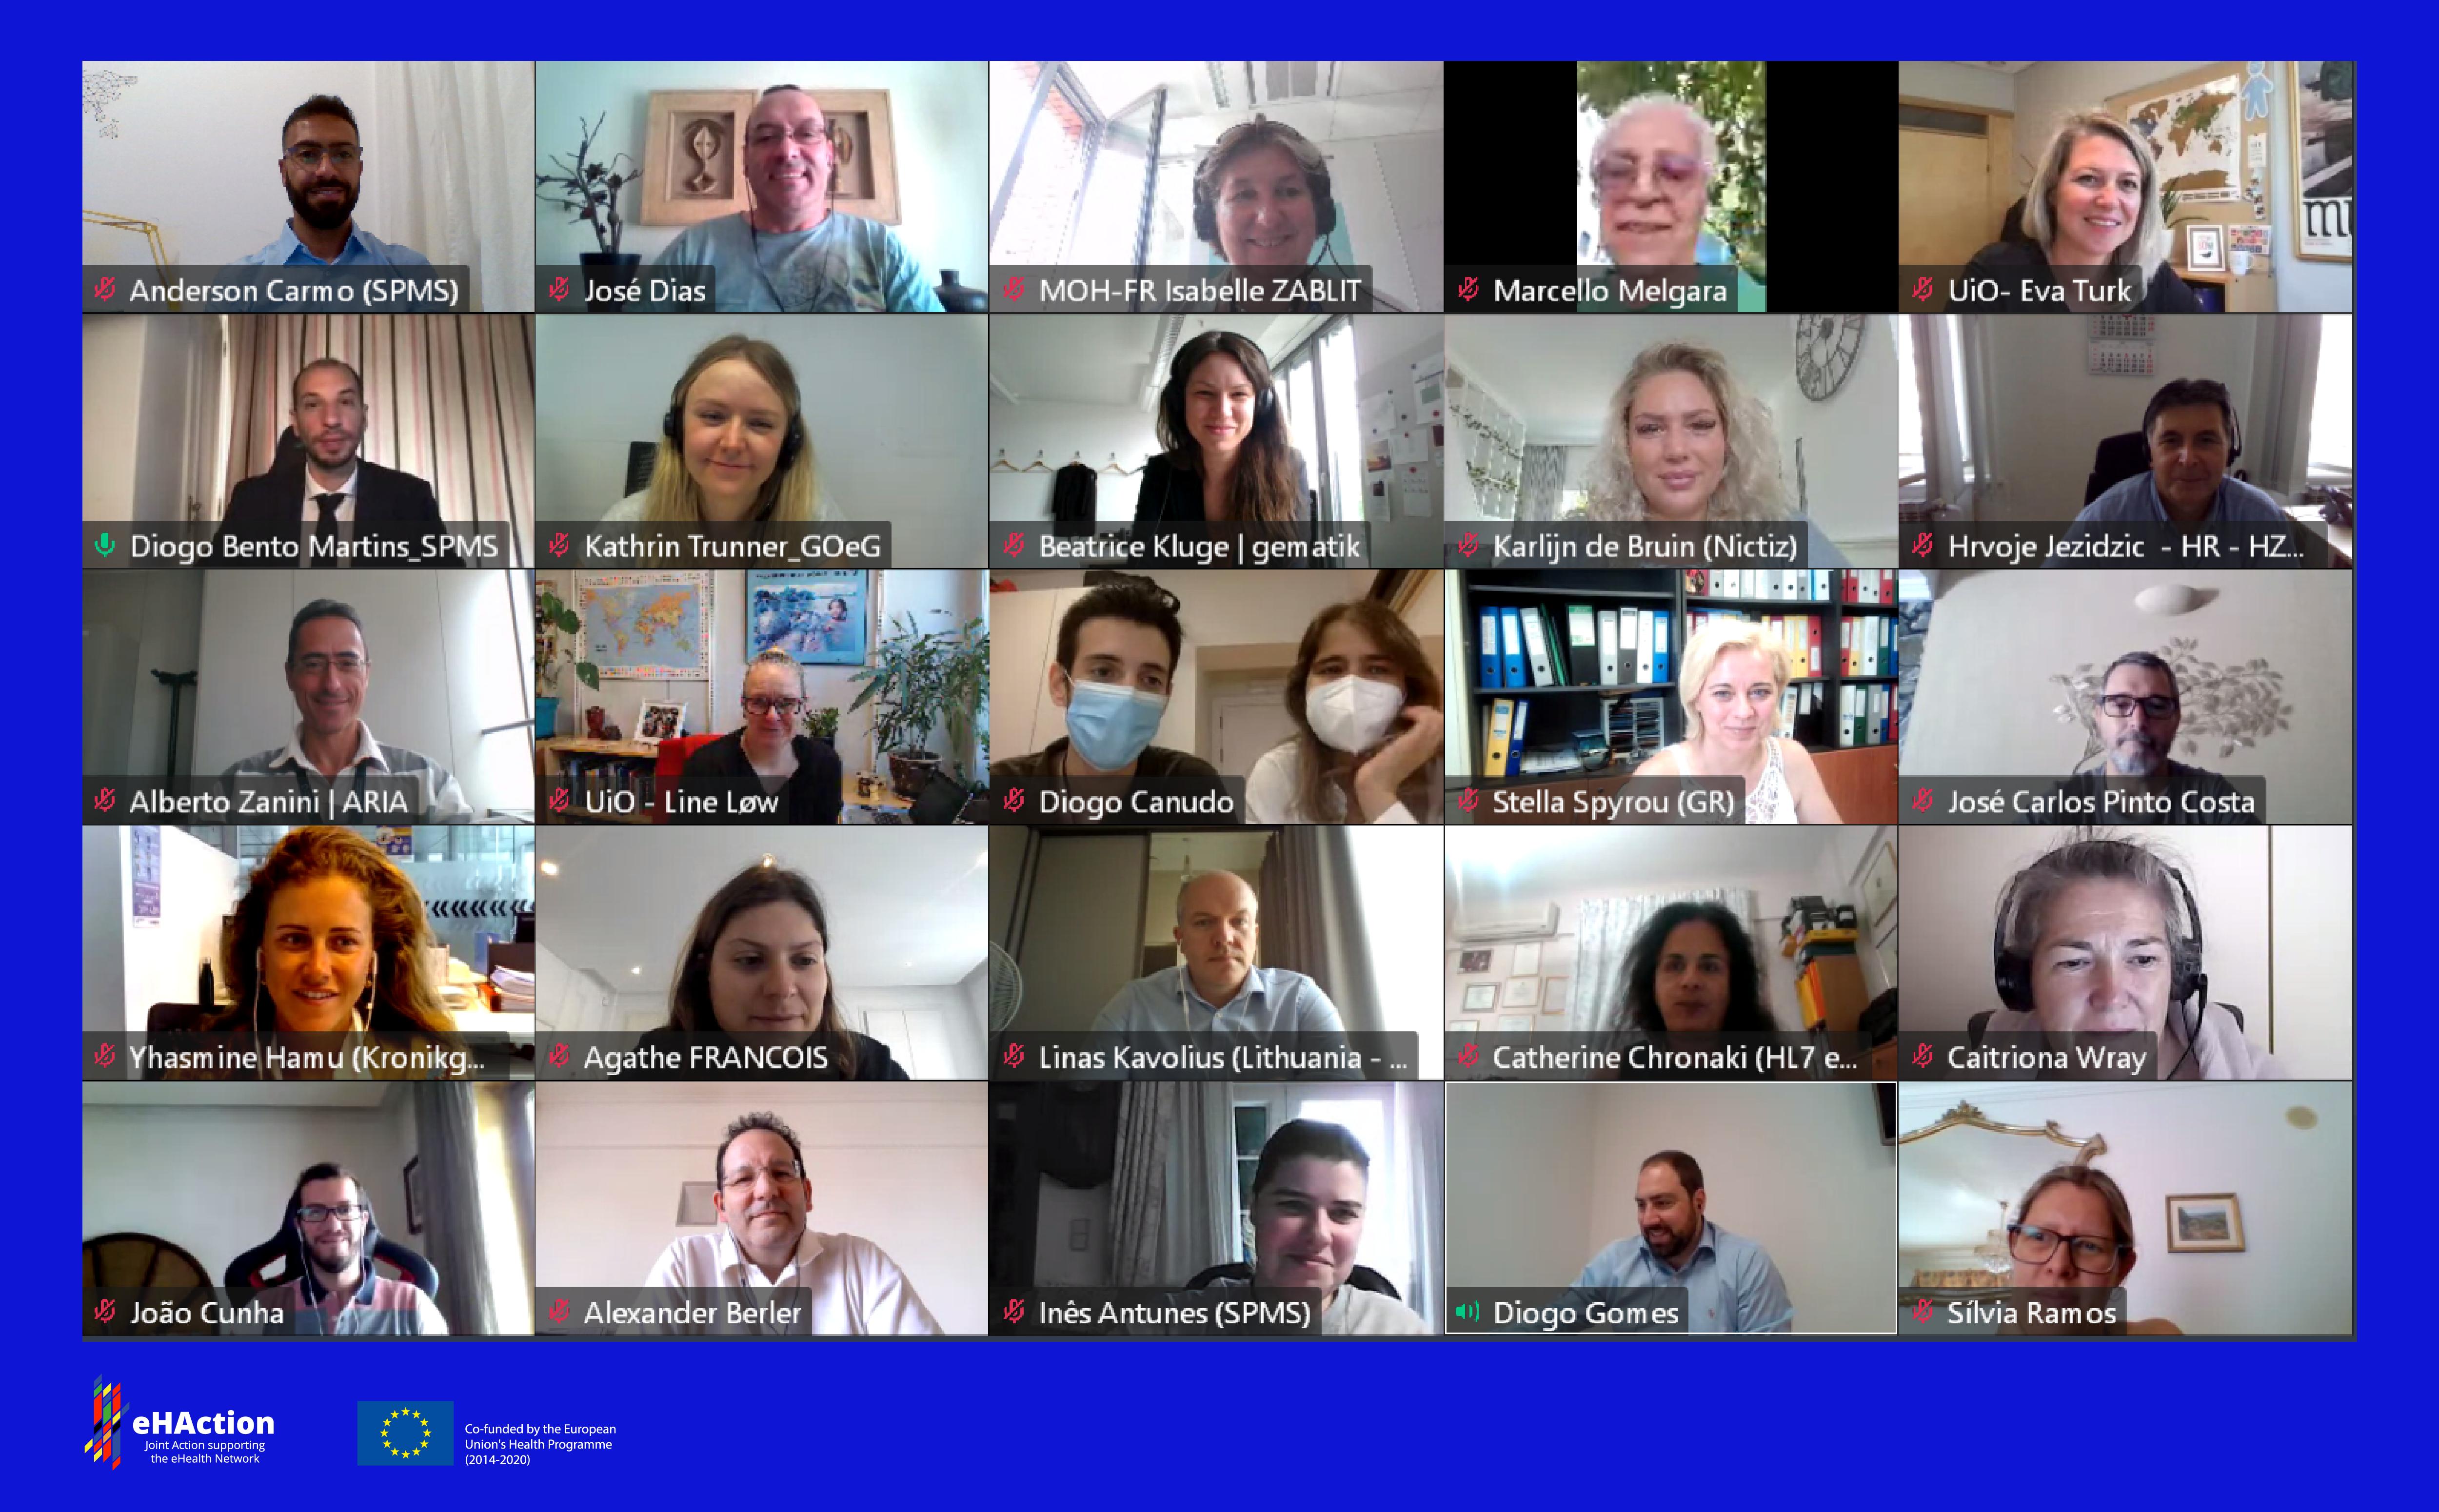 """imagem do sobre do 2726eHAction Closing Event """"EU Cooperation to Empower Citizens' Health & Care"""" was a success!"""